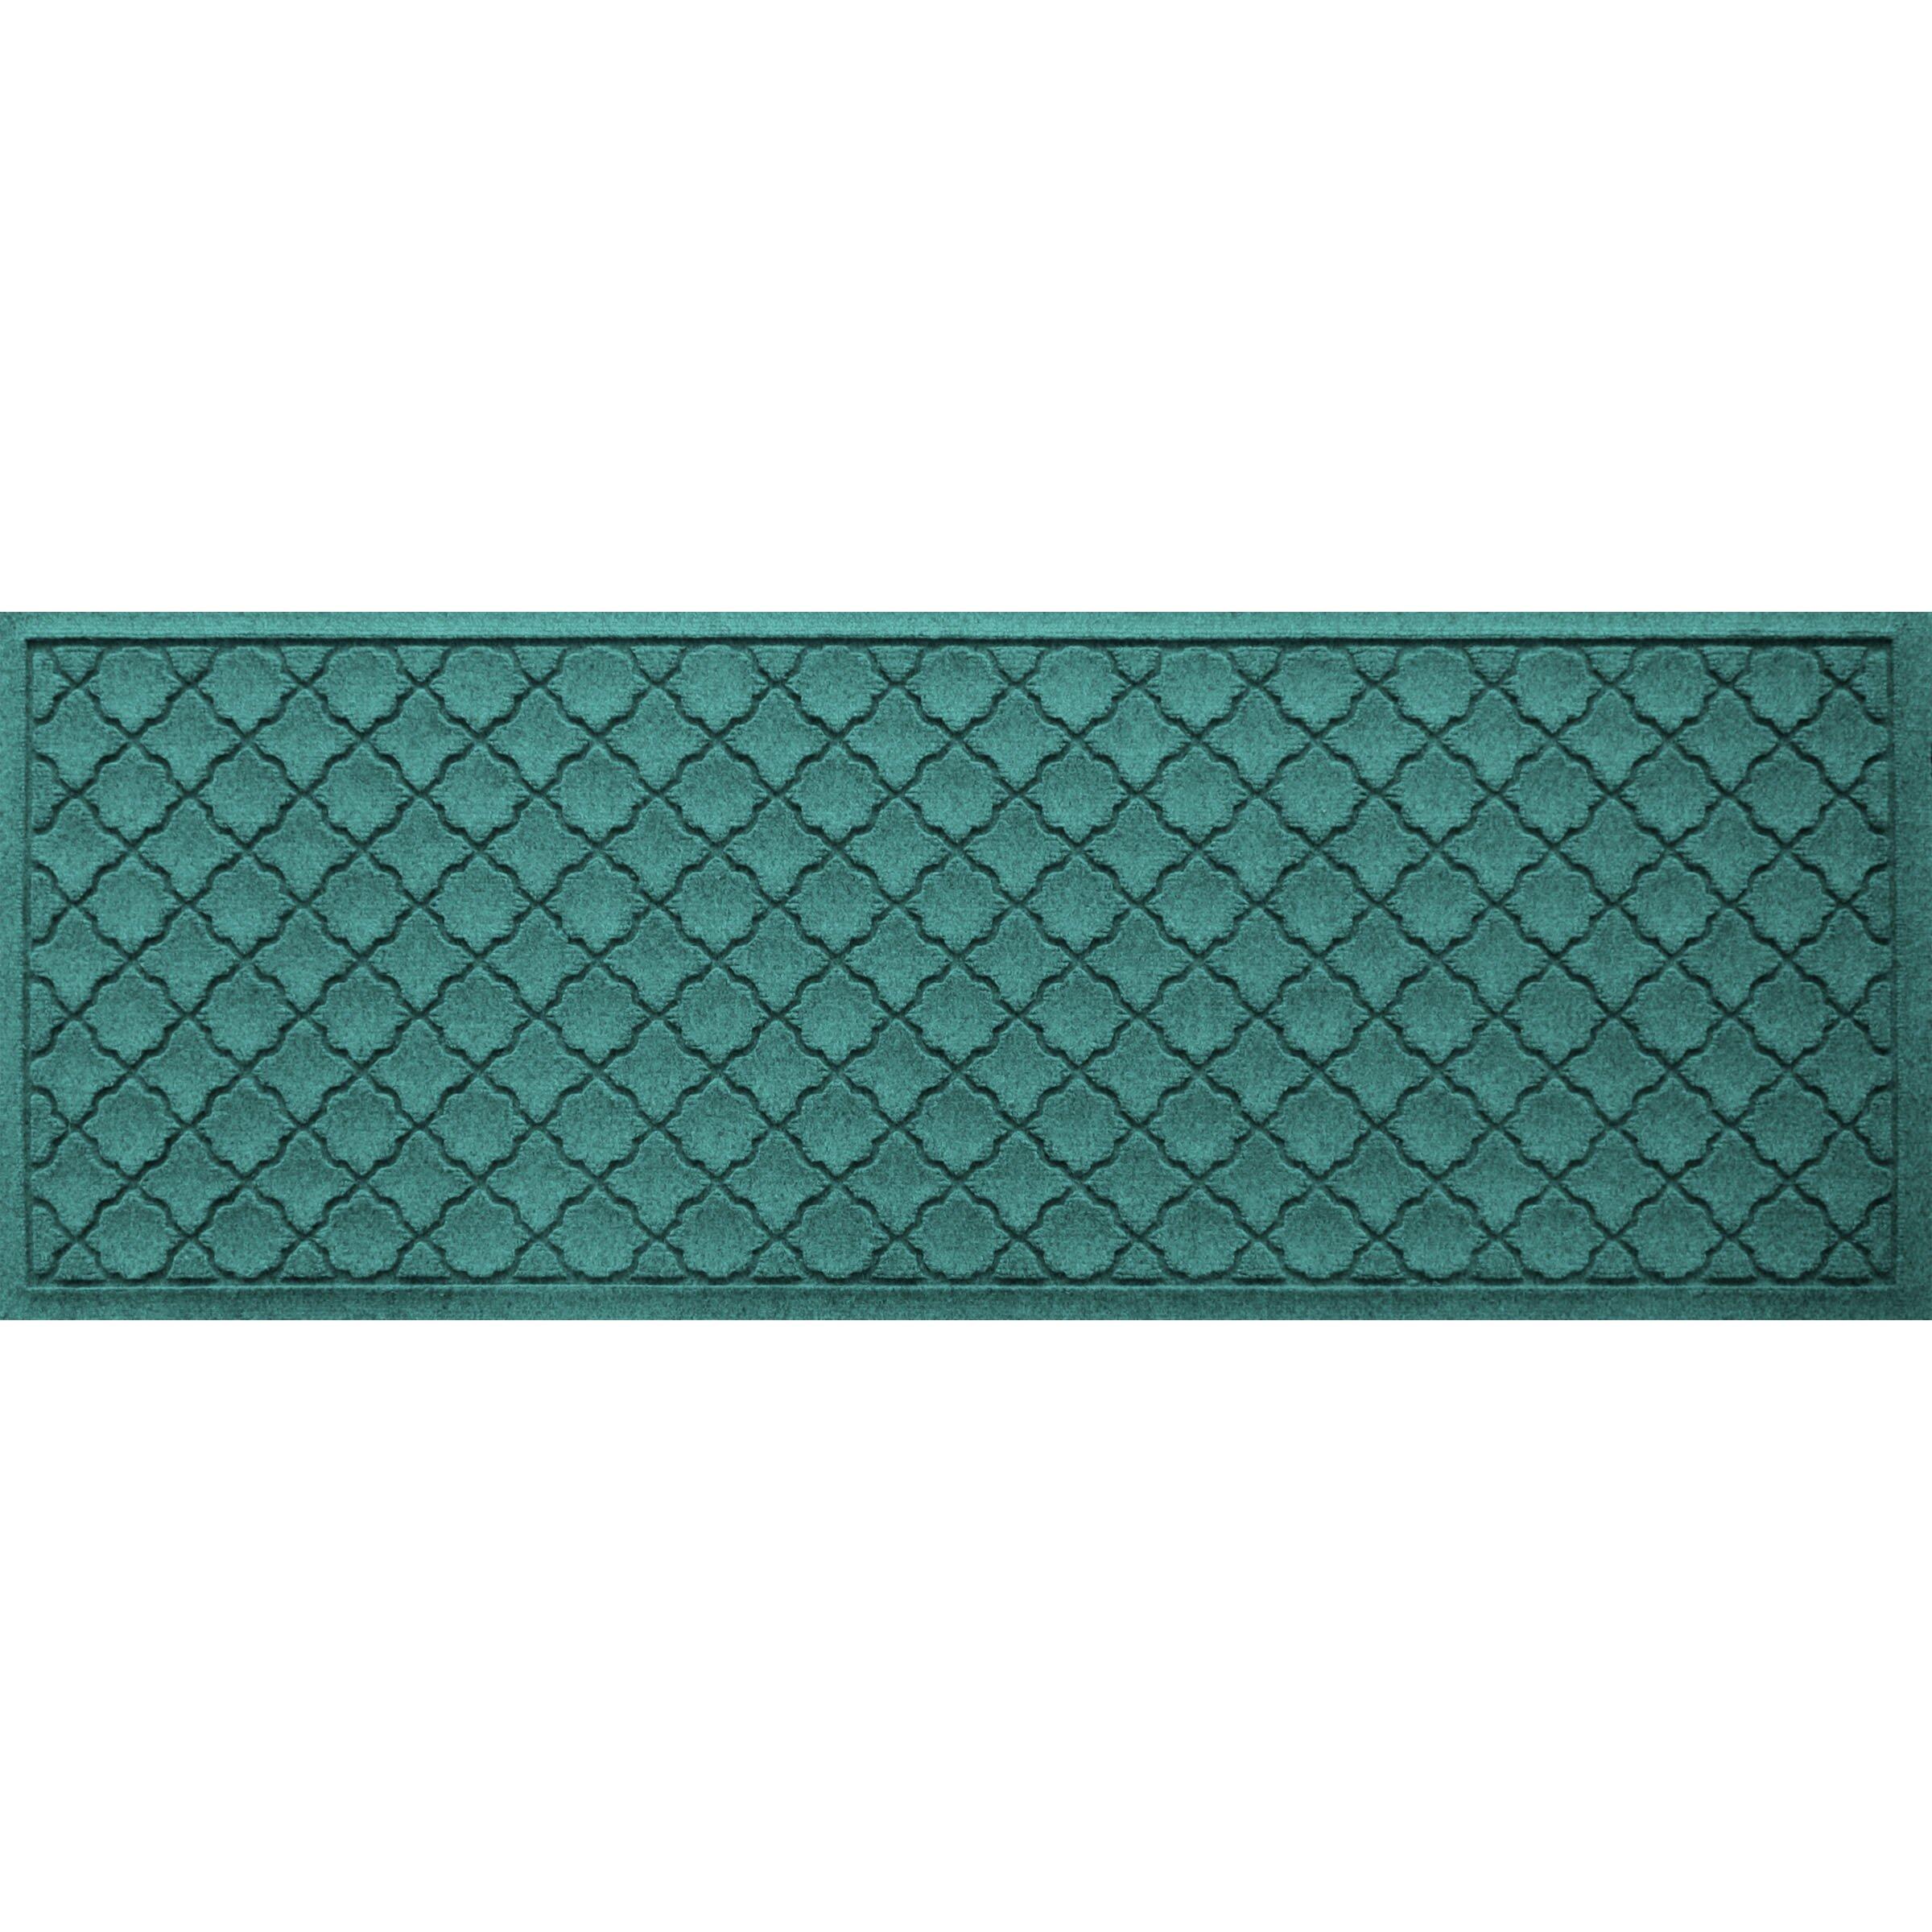 Bungalow Flooring Aqua Shield Cordova Door Mat & Reviews